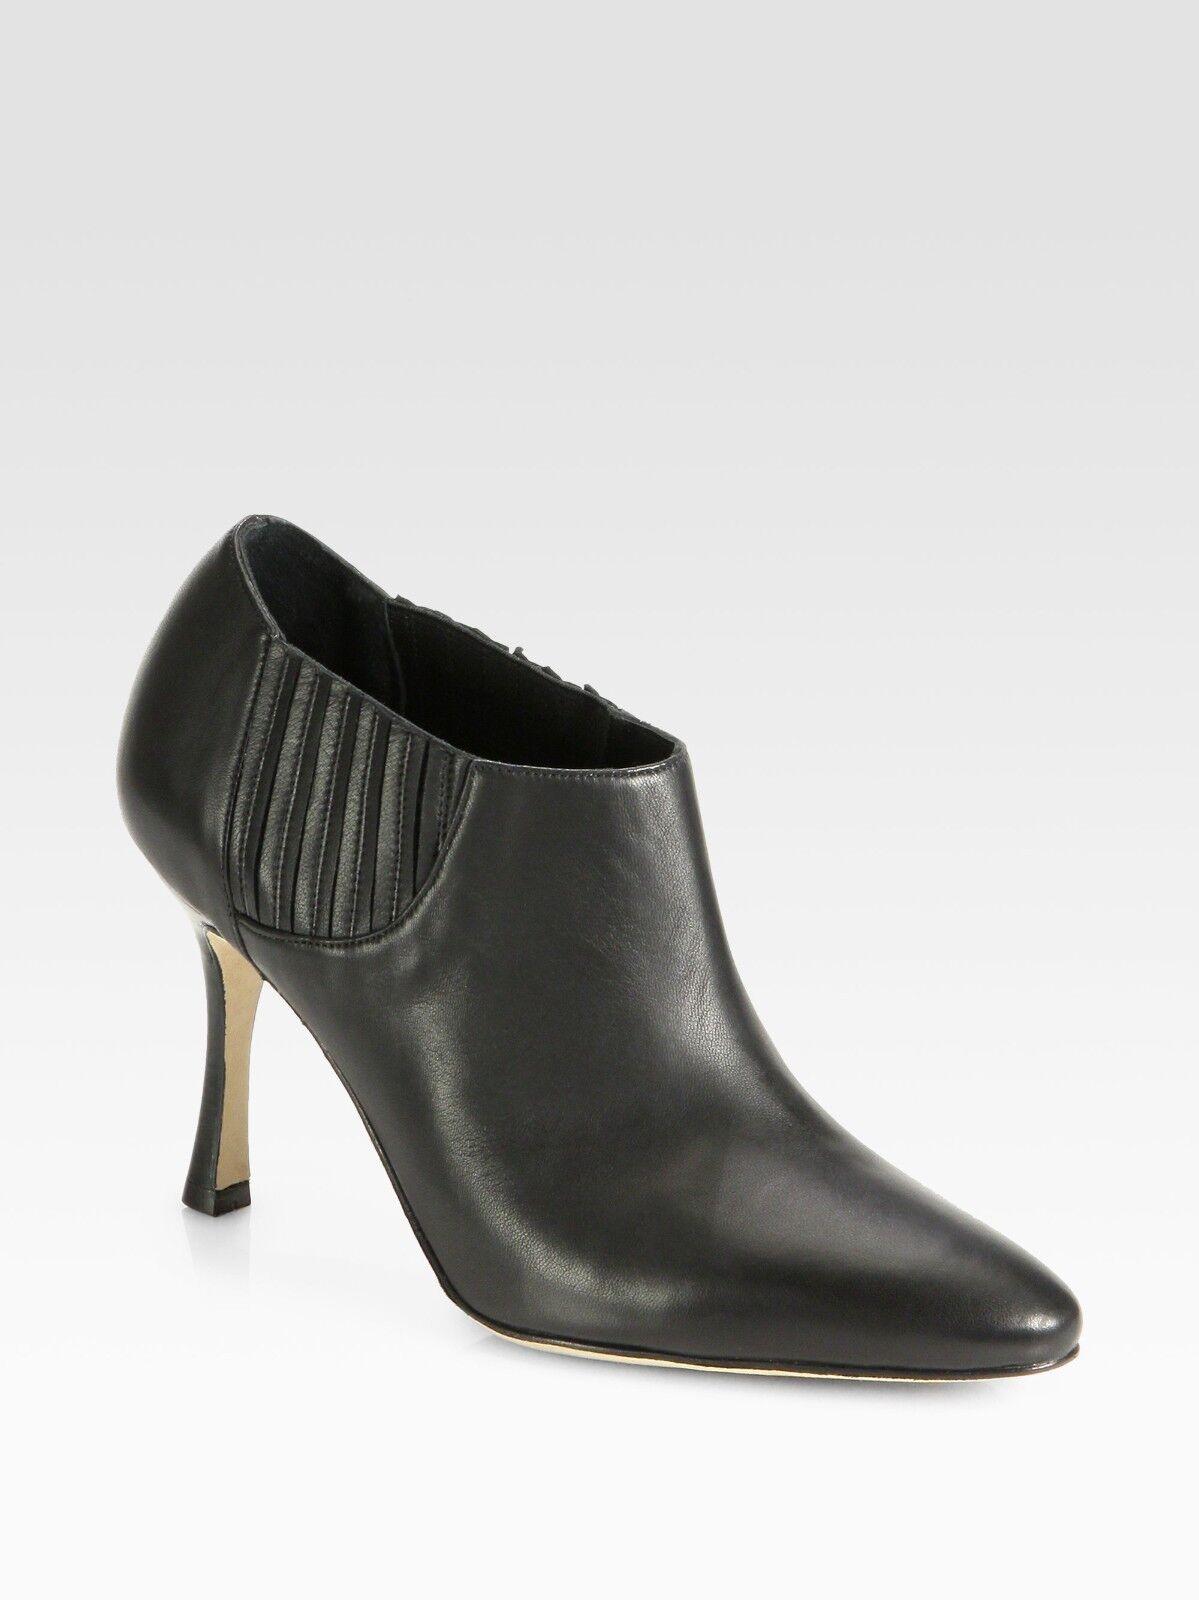 nuovi prodotti novità MANOLO BLAHNIK LIVREA ELEGANT CLASSIC CLASSIC CLASSIC ANKLE stivali EU 41 I LOVE scarpe  prezzo basso